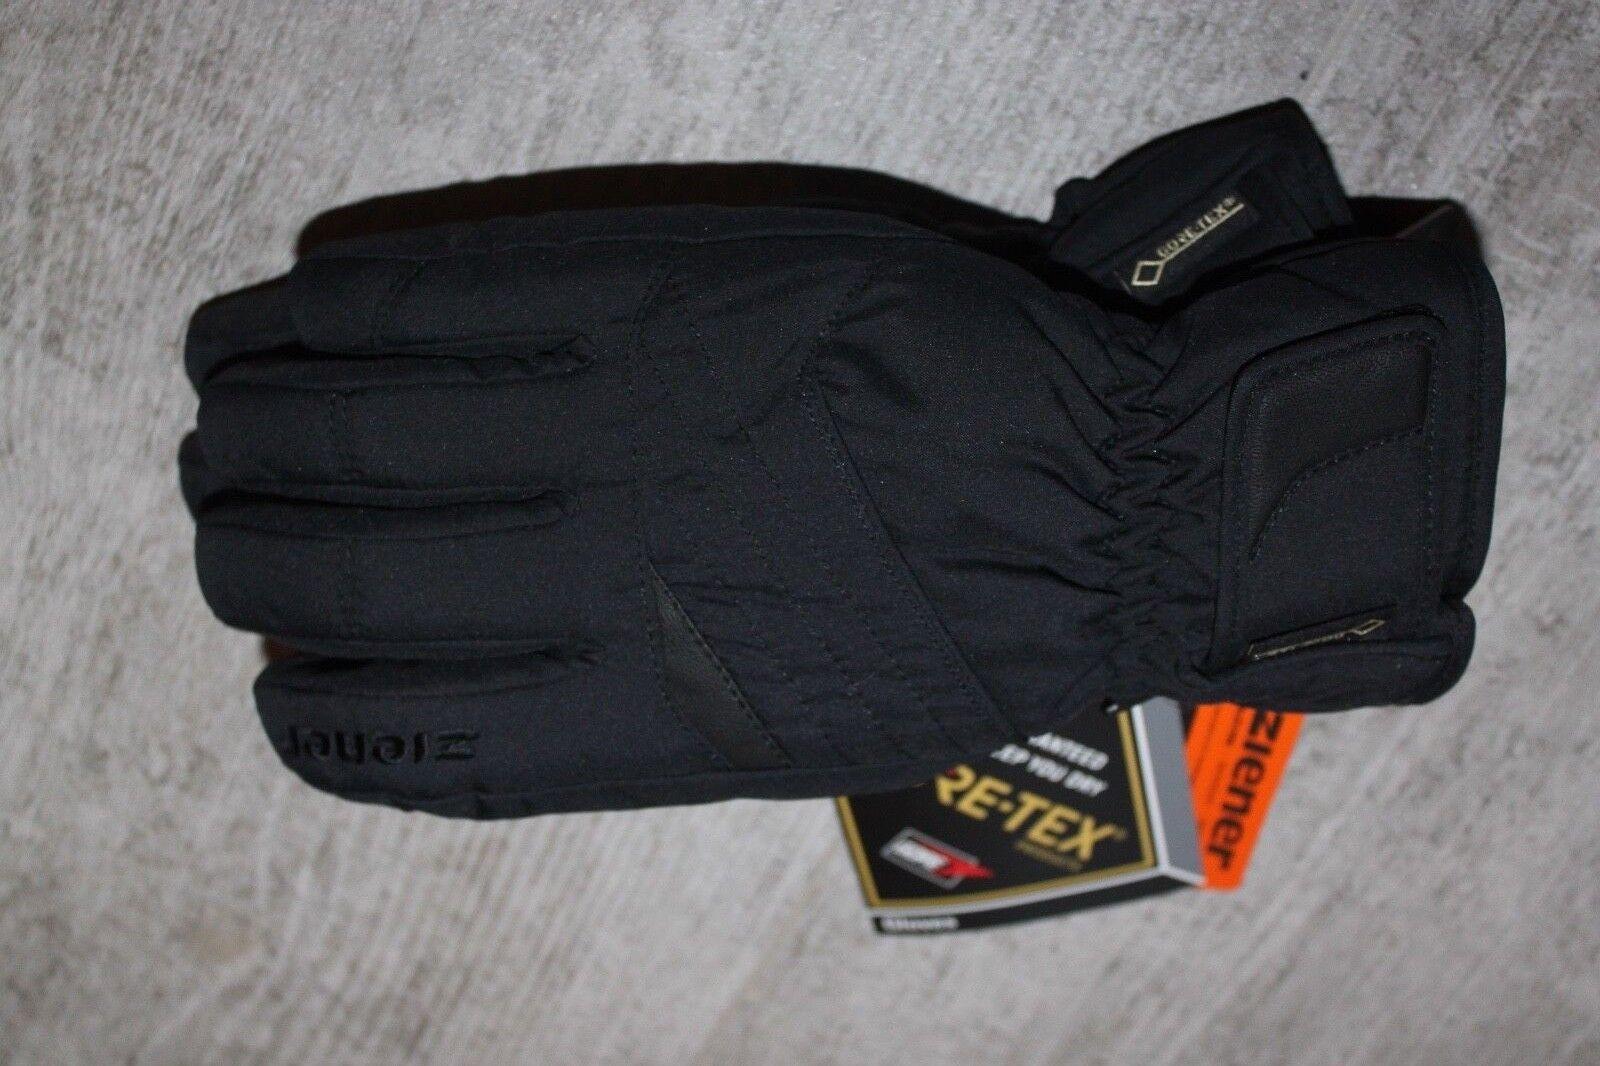 Ziener Herren Ski Snowboard Handschuh 1325 GTX Gore Tex Schwarz alle Größen Neu